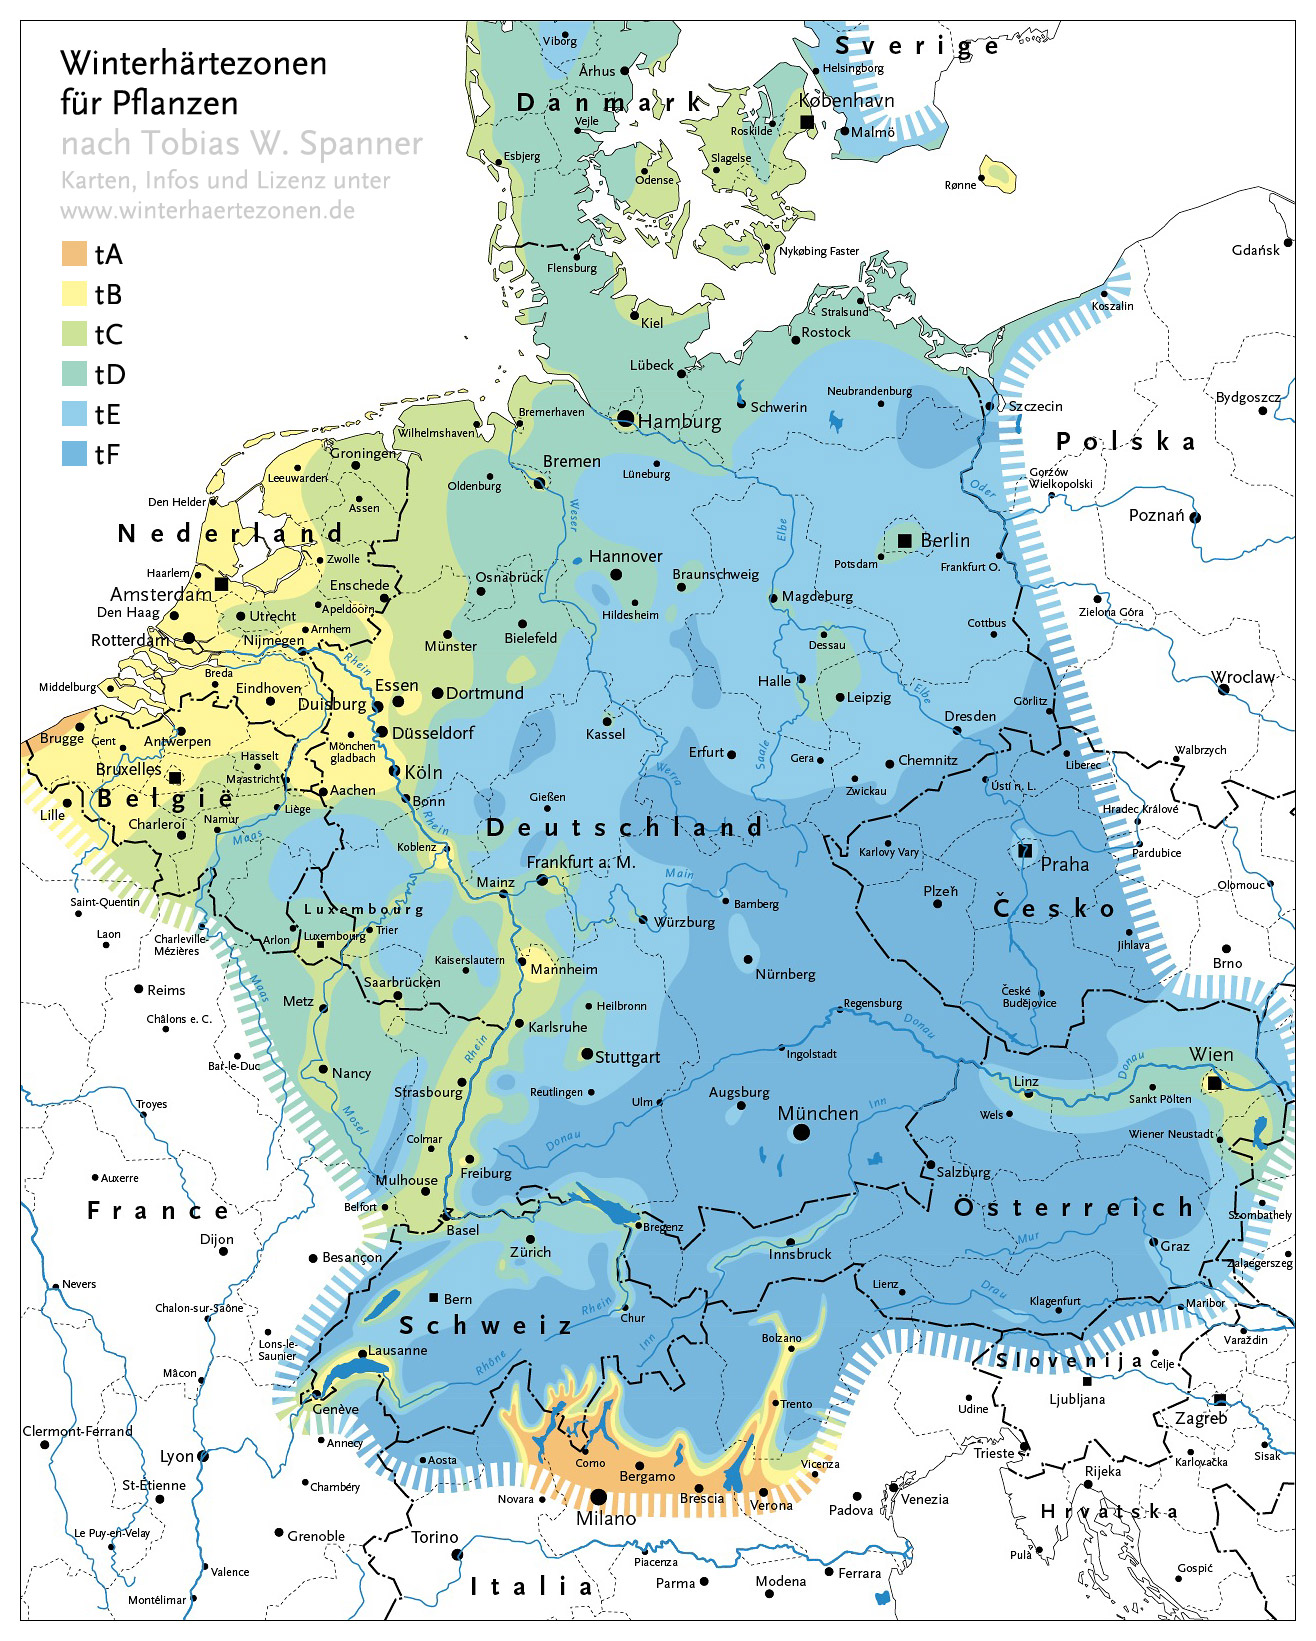 winterhärtezonen deutschland karte Winterhärtezonen für Pflanzen nach Tobias W. Spanner : Palmen